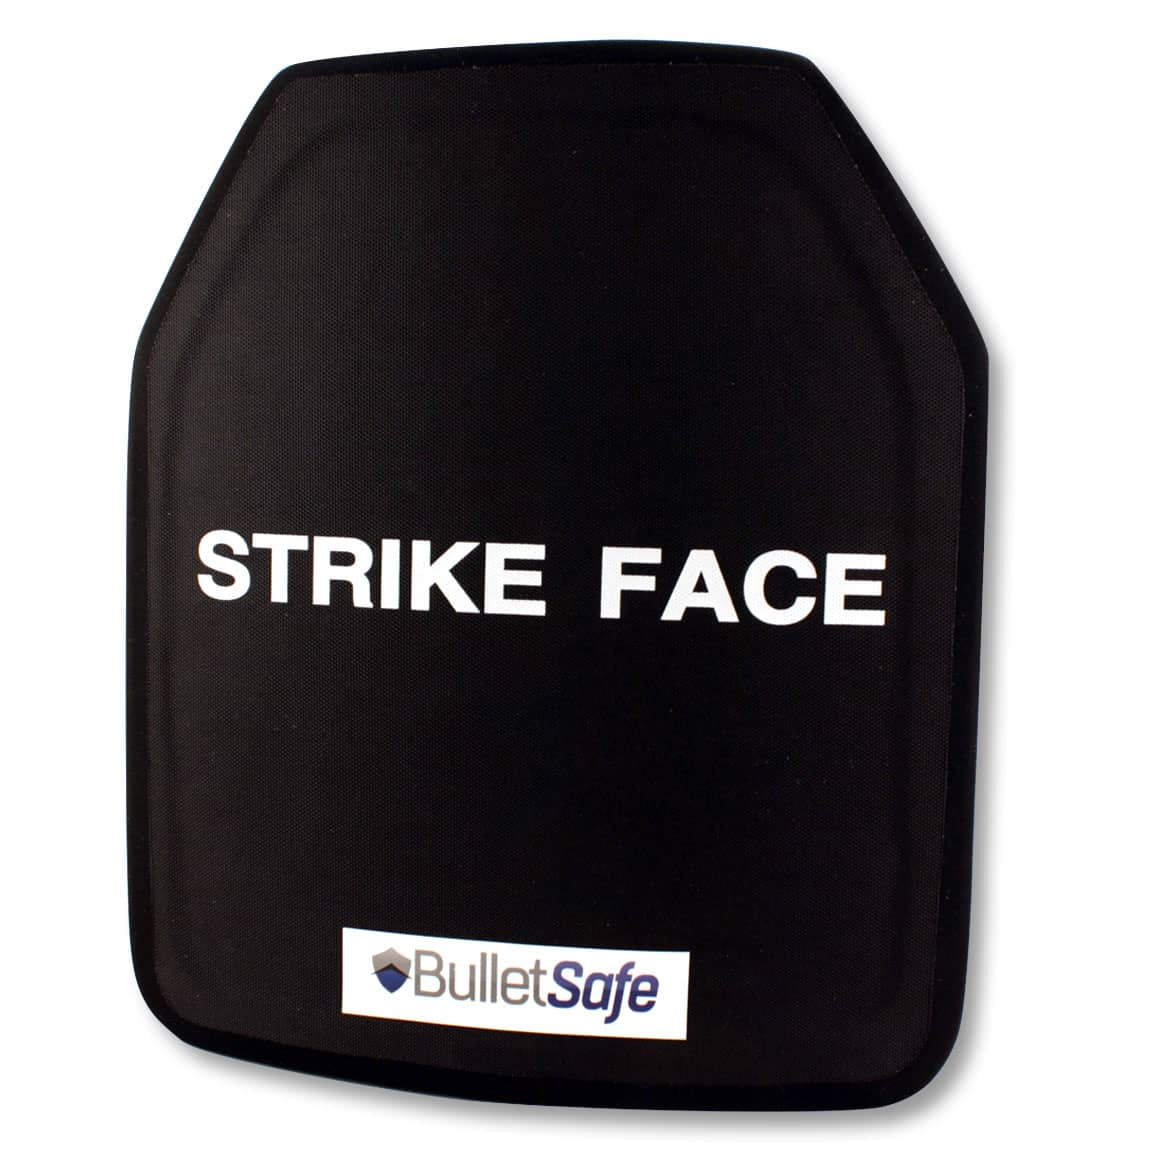 bulletsafe-ballistic-plate.jpg